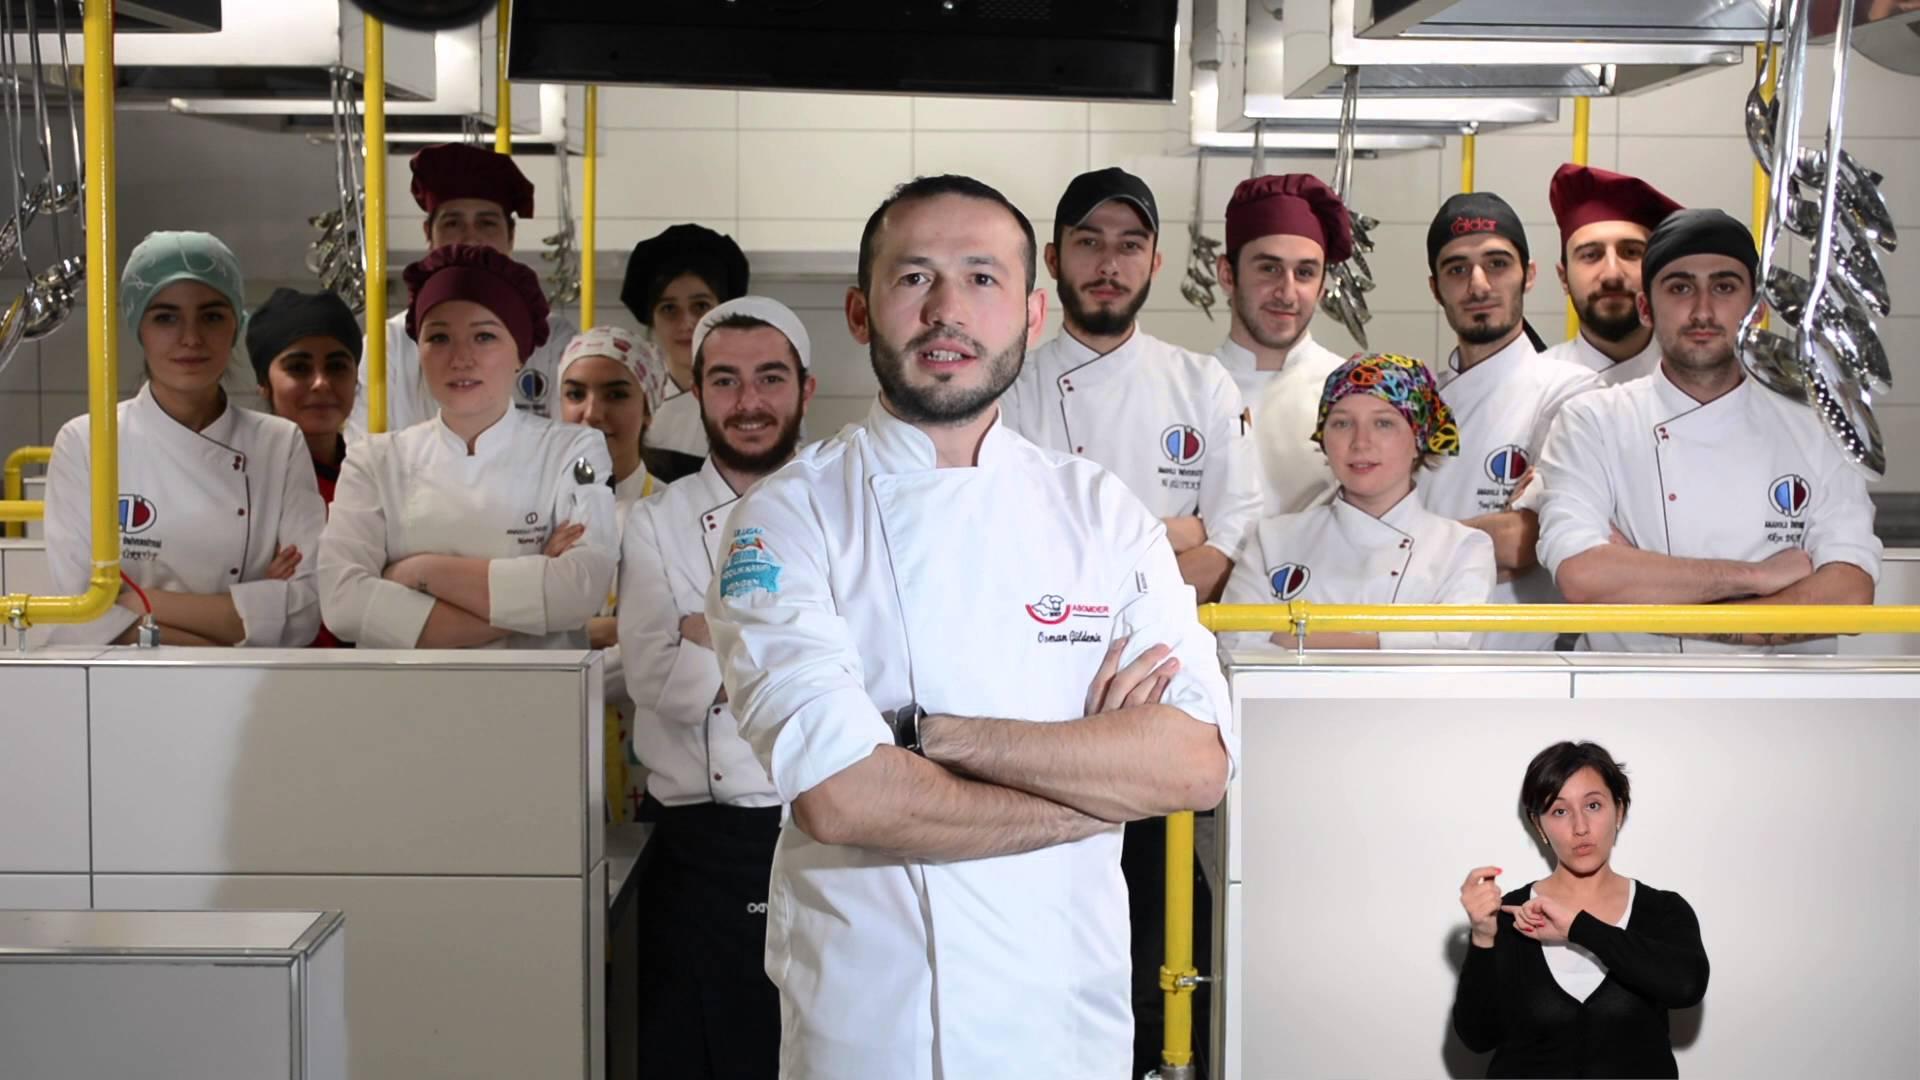 Mengen II. Ulusal Aşçılık Kampı Davet Videosu  (Türk İşaret Dili Yerleştirilmiş-Sözlü)